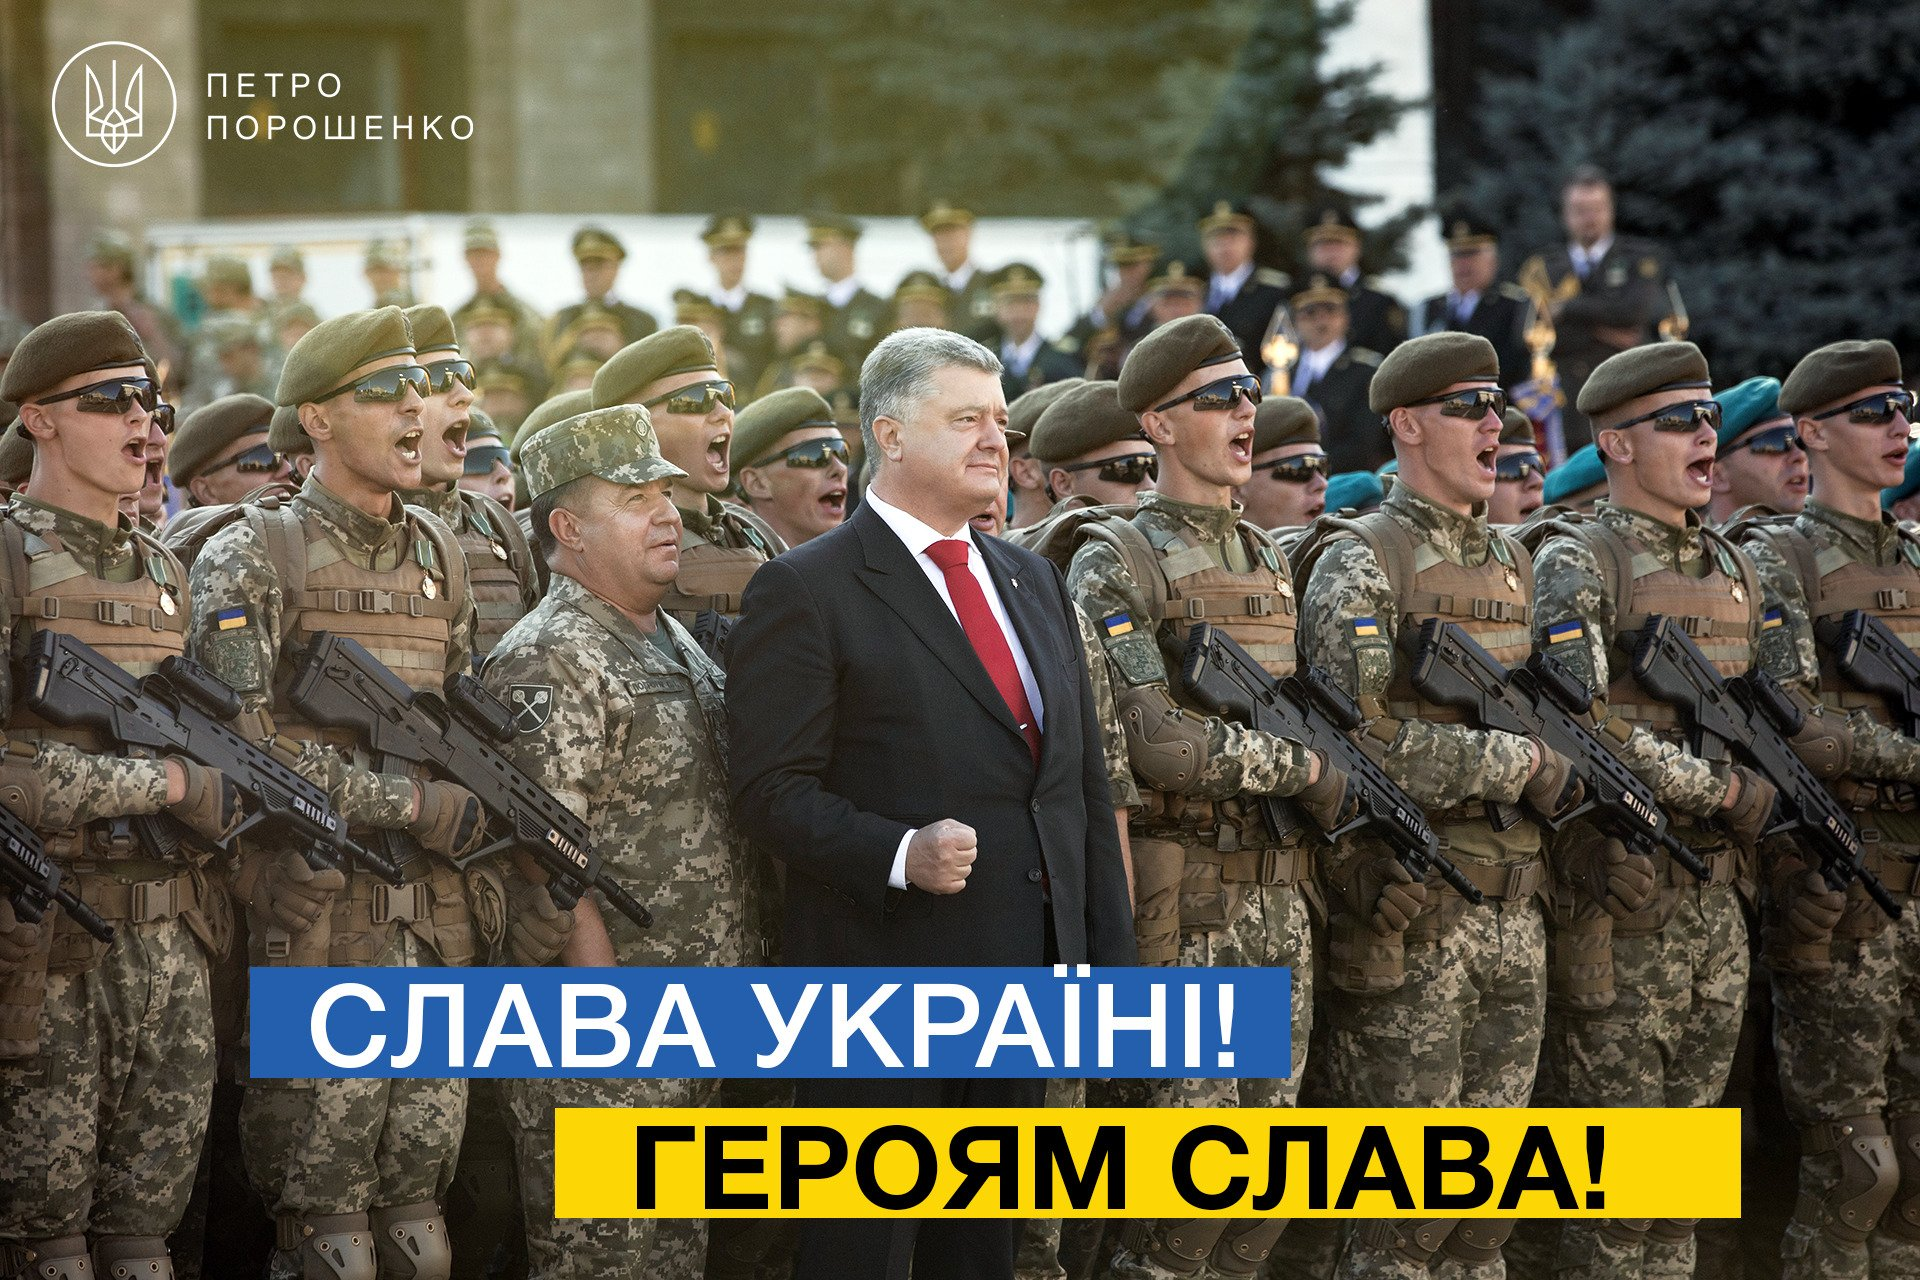 Украина, политика, общество, Рада, закон, ВСУ, приветствие, Порошенко